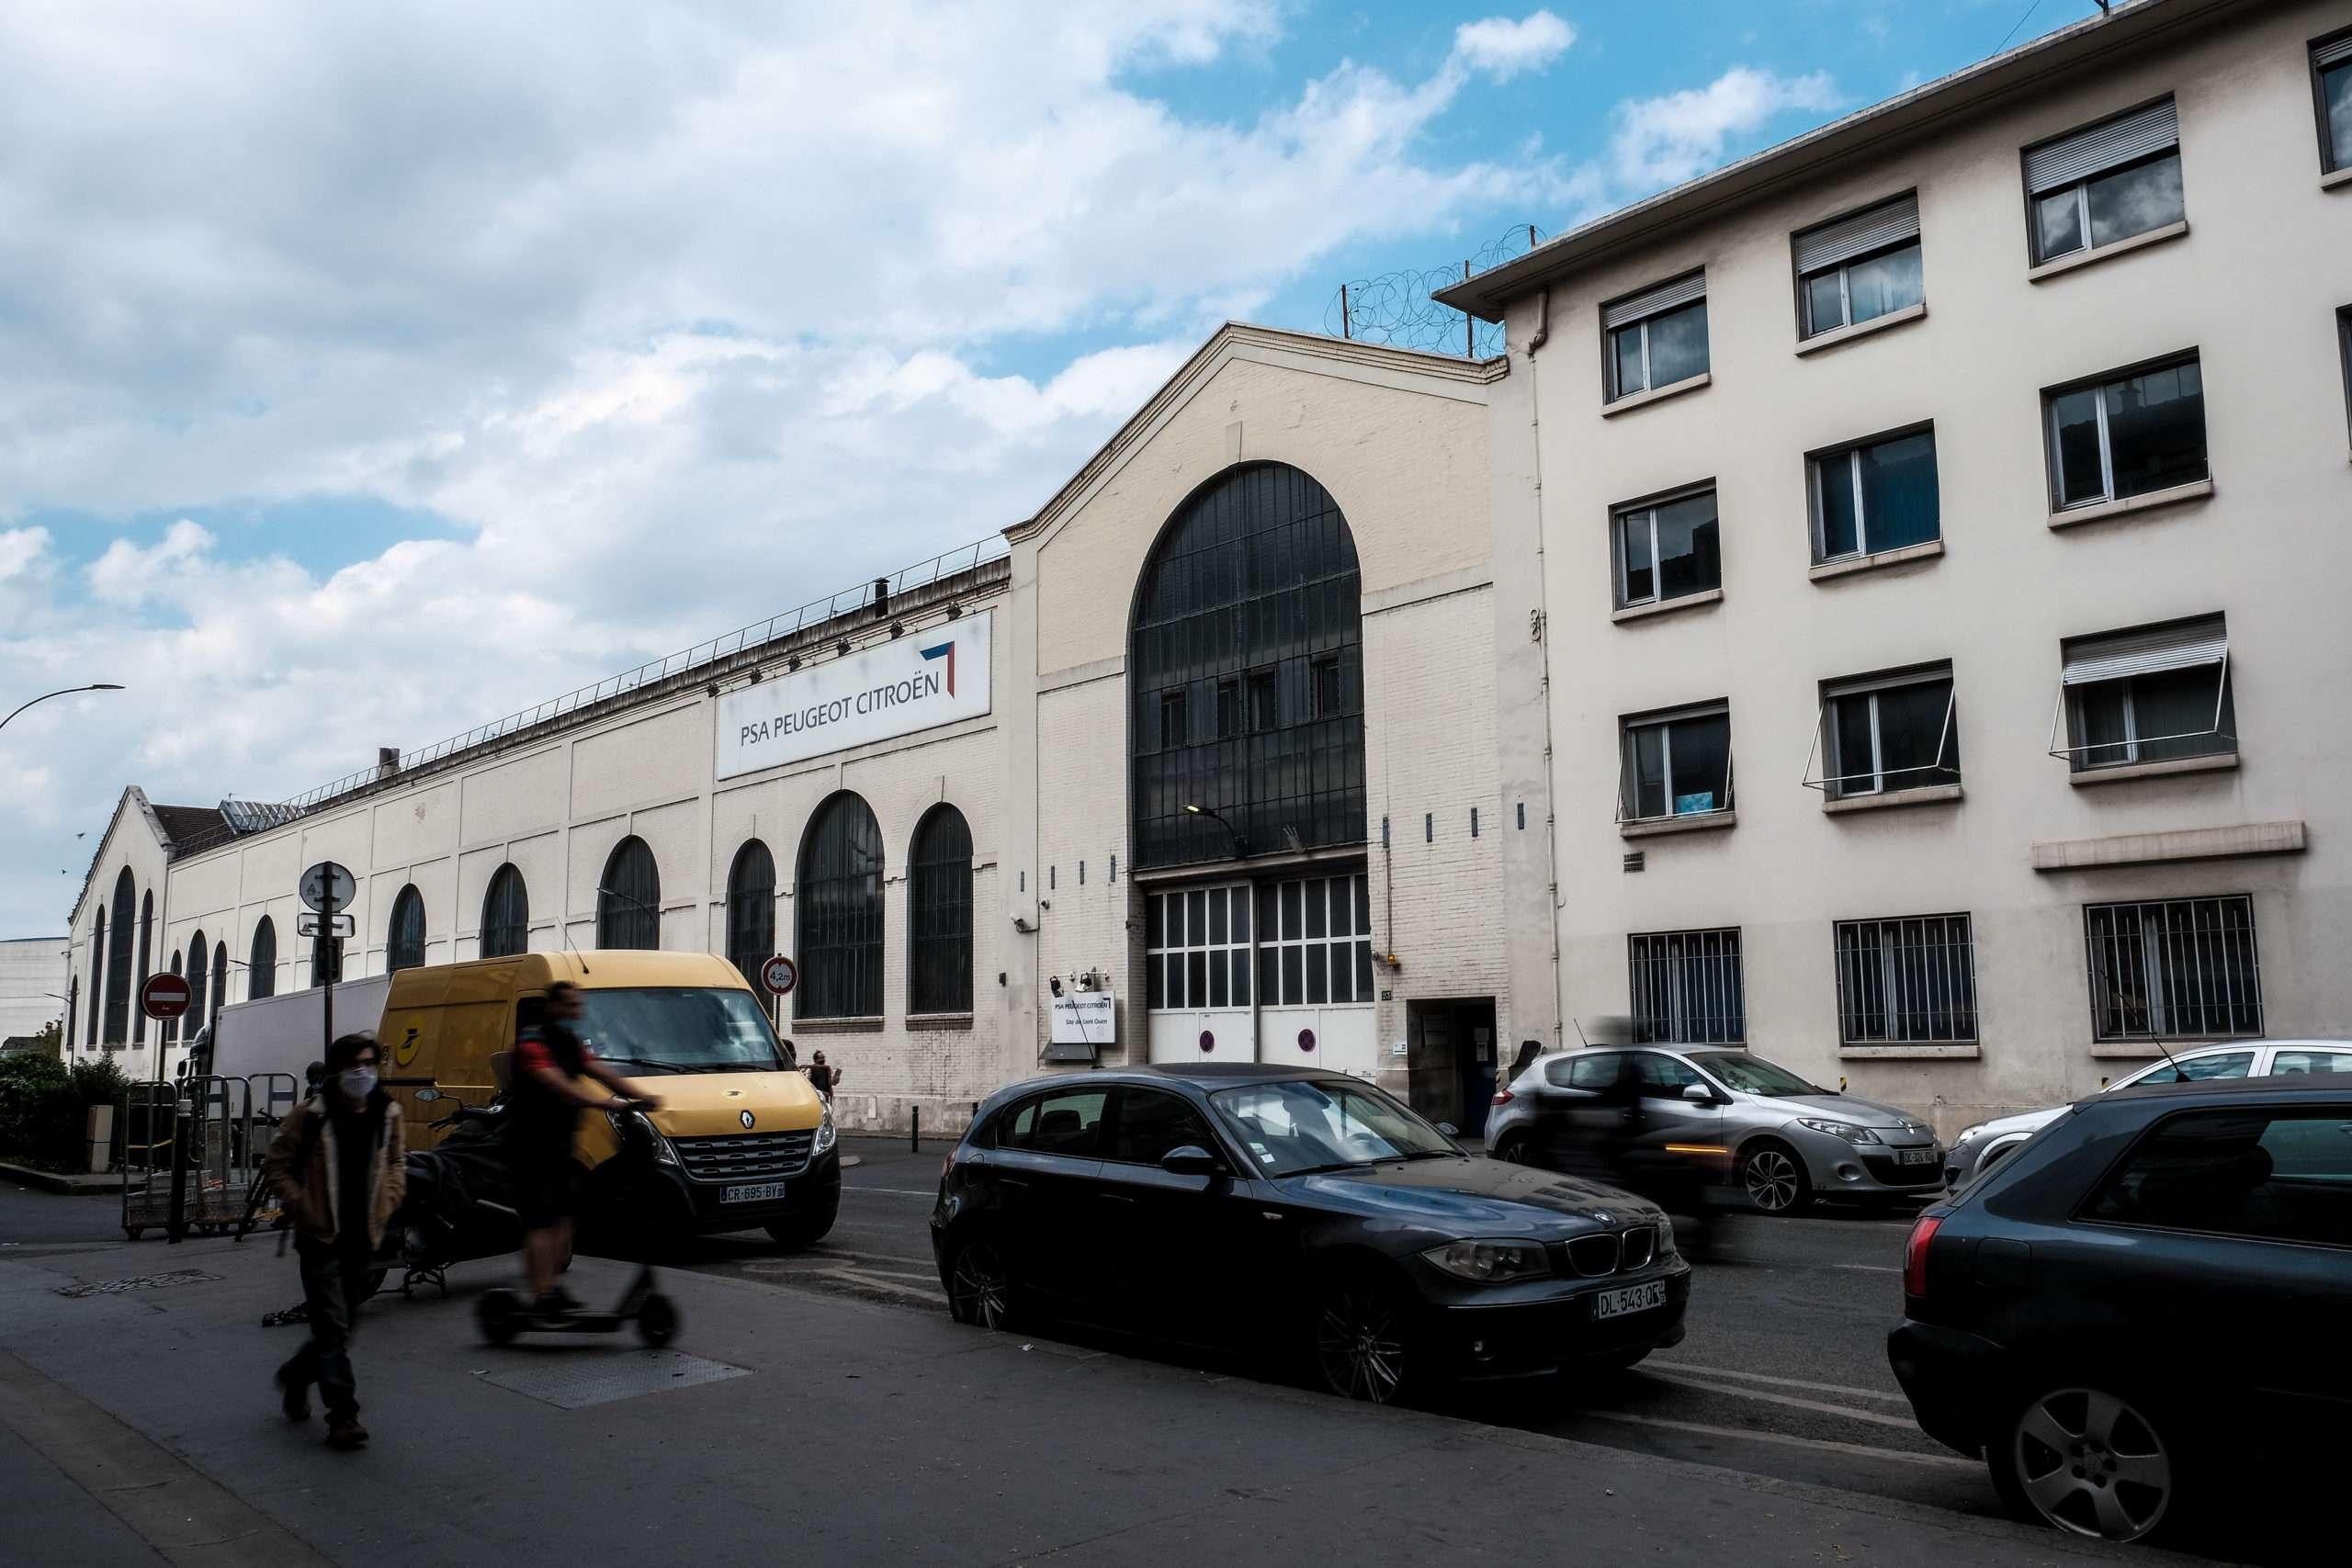 L'usine Peugeot Citroën à Saint-Ouen. Elle va être détruite pour laissé place au futur CHU Saint‐Ouen Grand Paris‐Nord en 2028. Photographie : Lucie Pelé pour Radio Parleur.